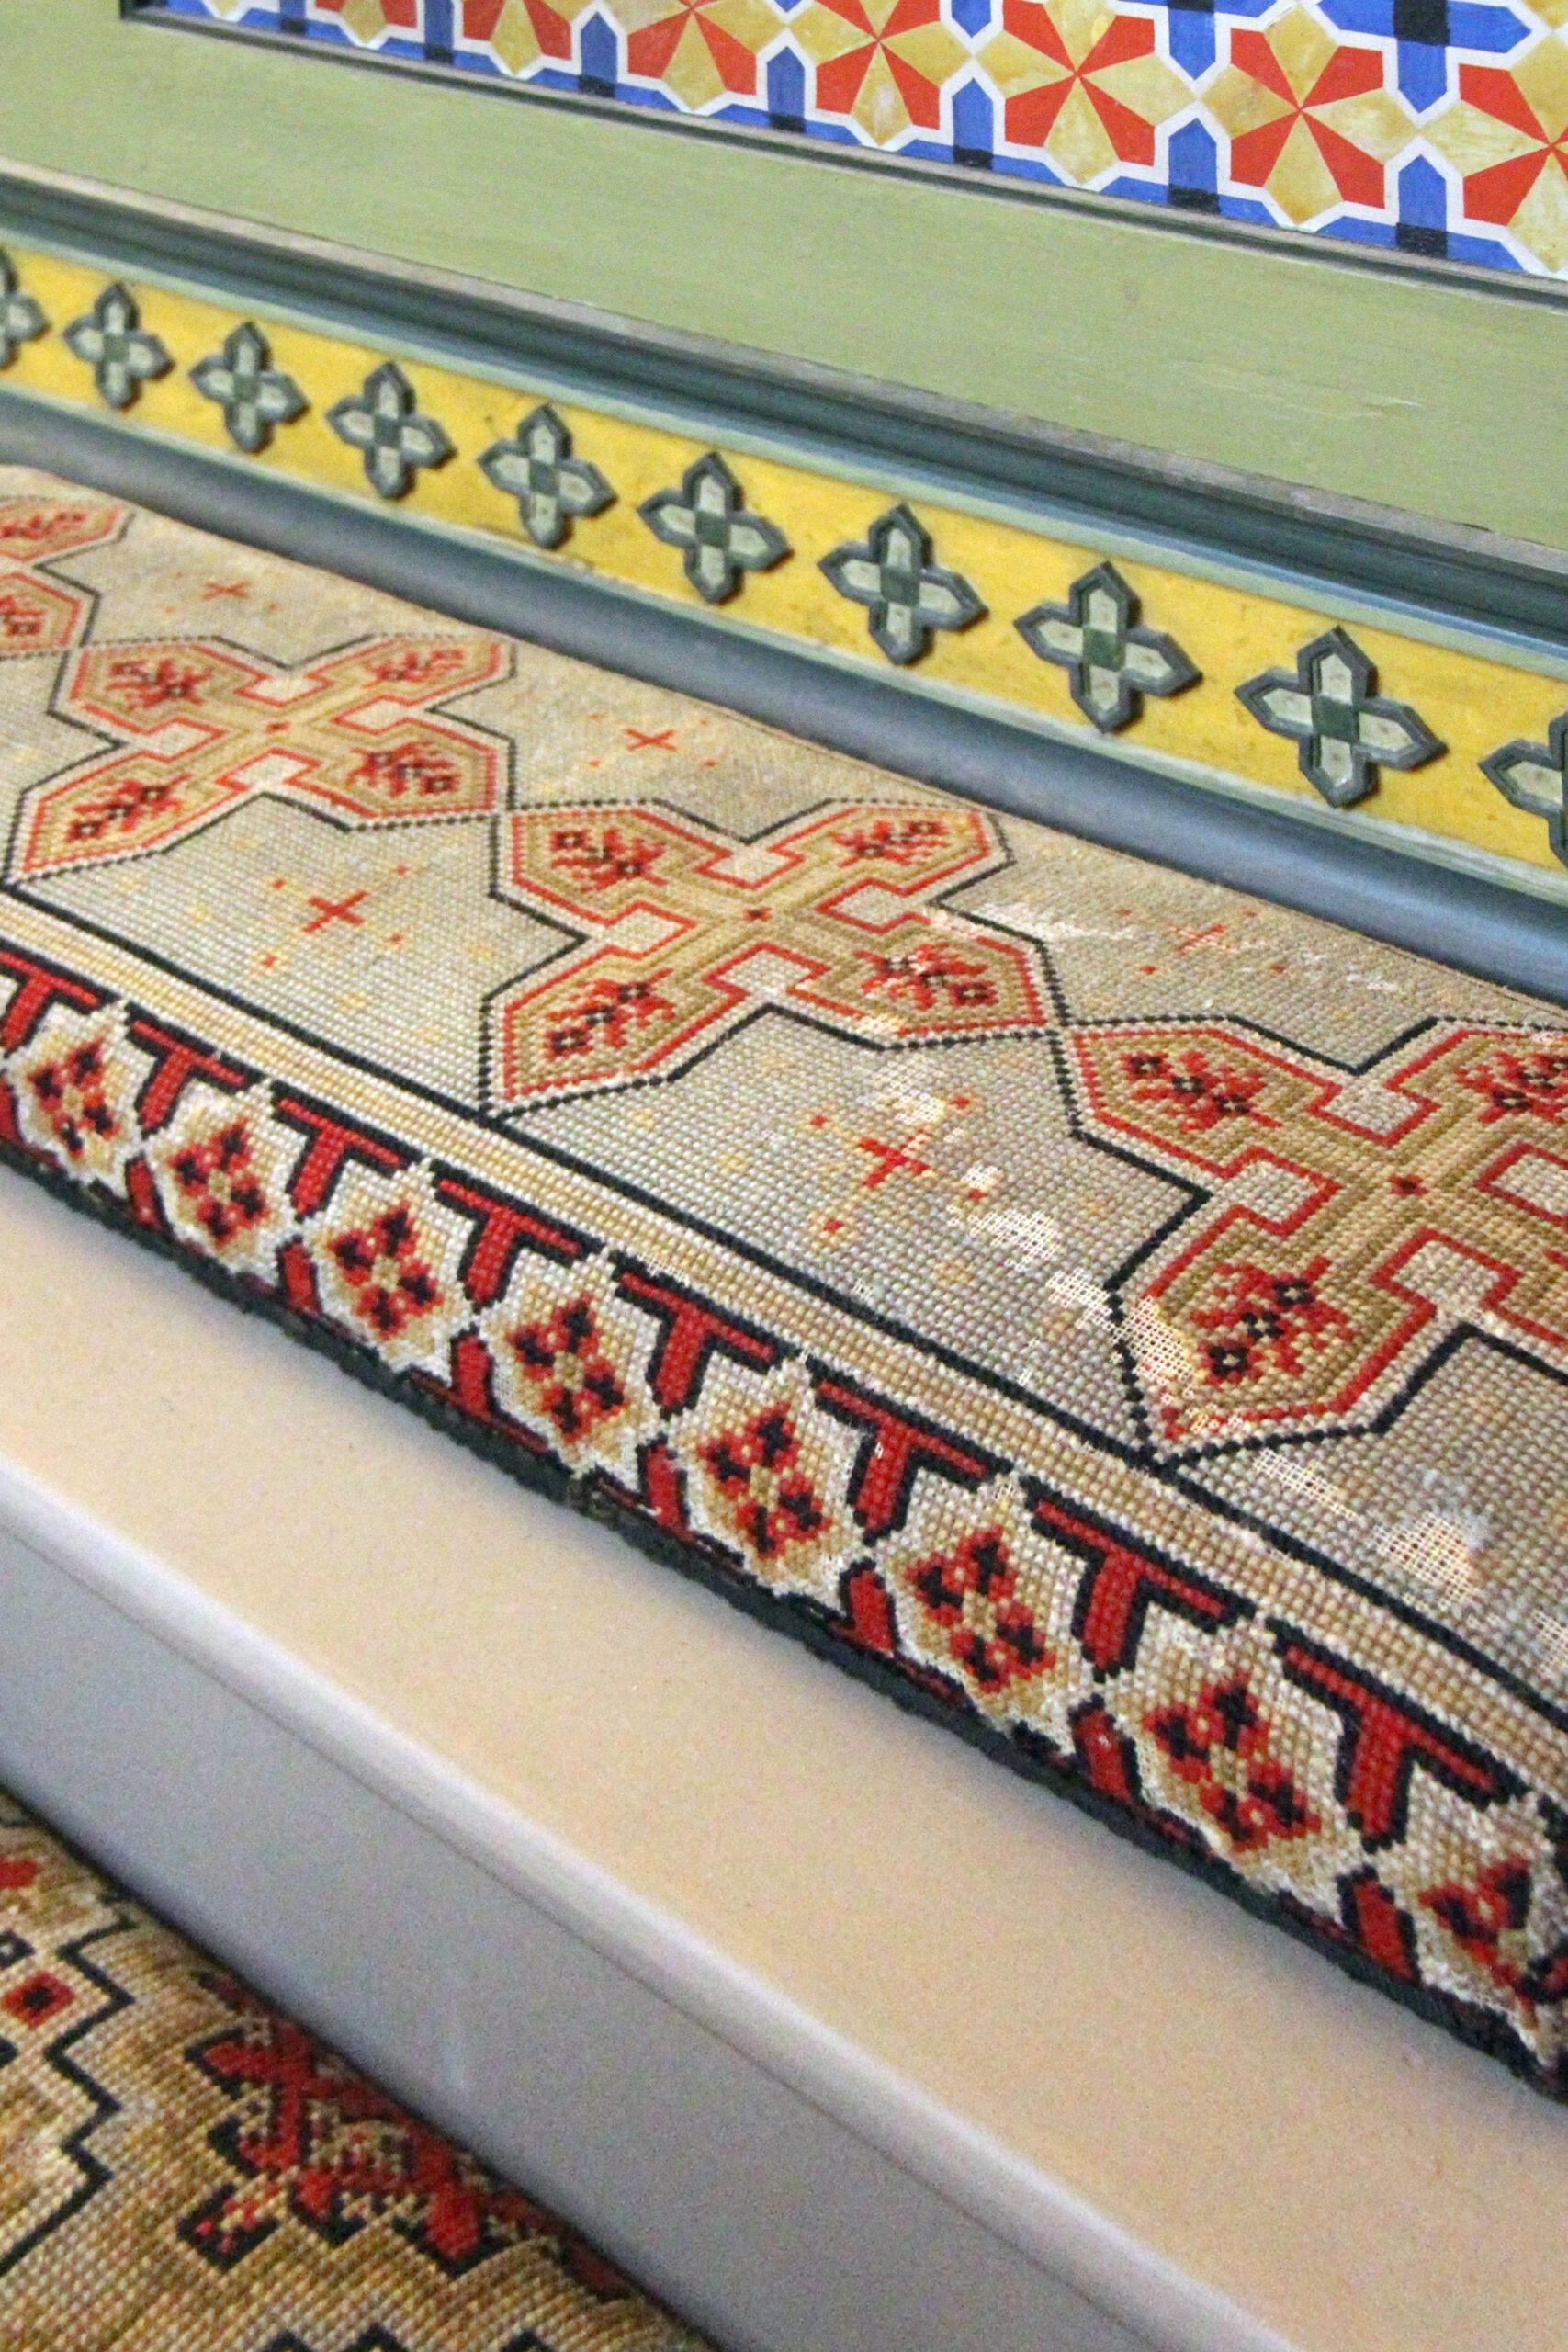 Textilien gestickt von Frauen aus den ersten Häusern Salzburgs © BDA, Conny Cossa